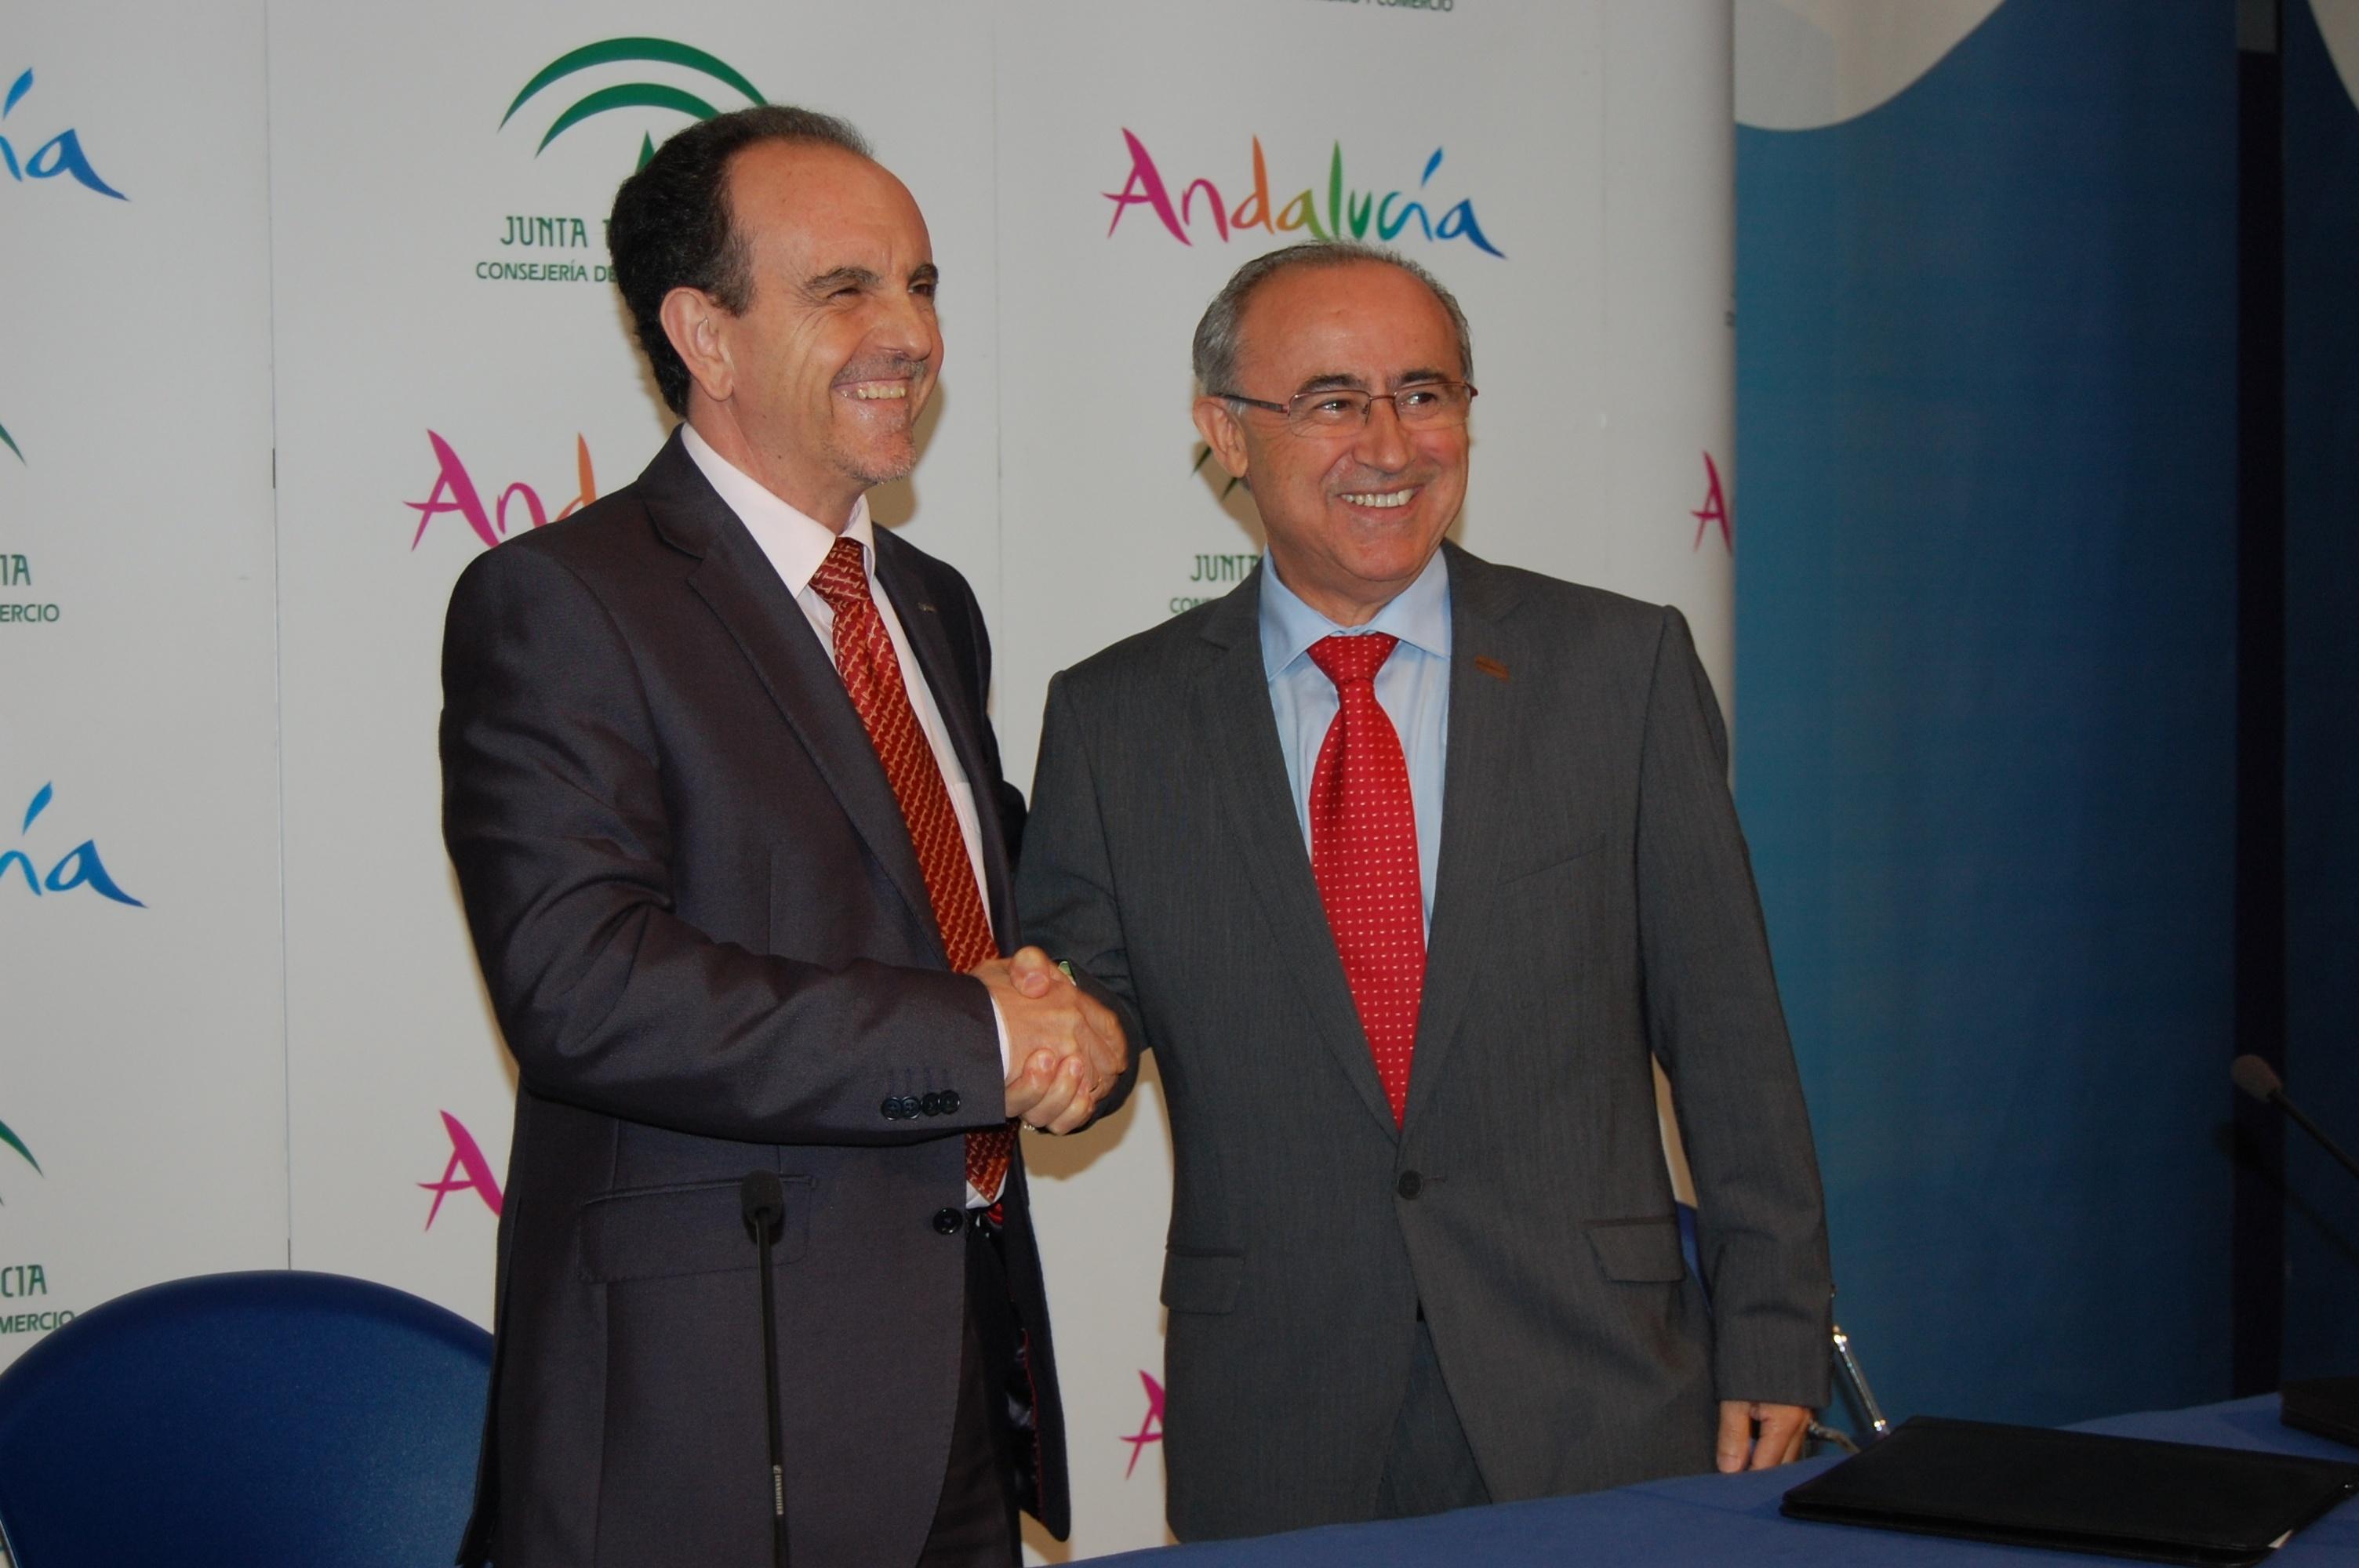 La Junta y directores de hotel colaborarán para mejorar la formación y la innovación hotelera